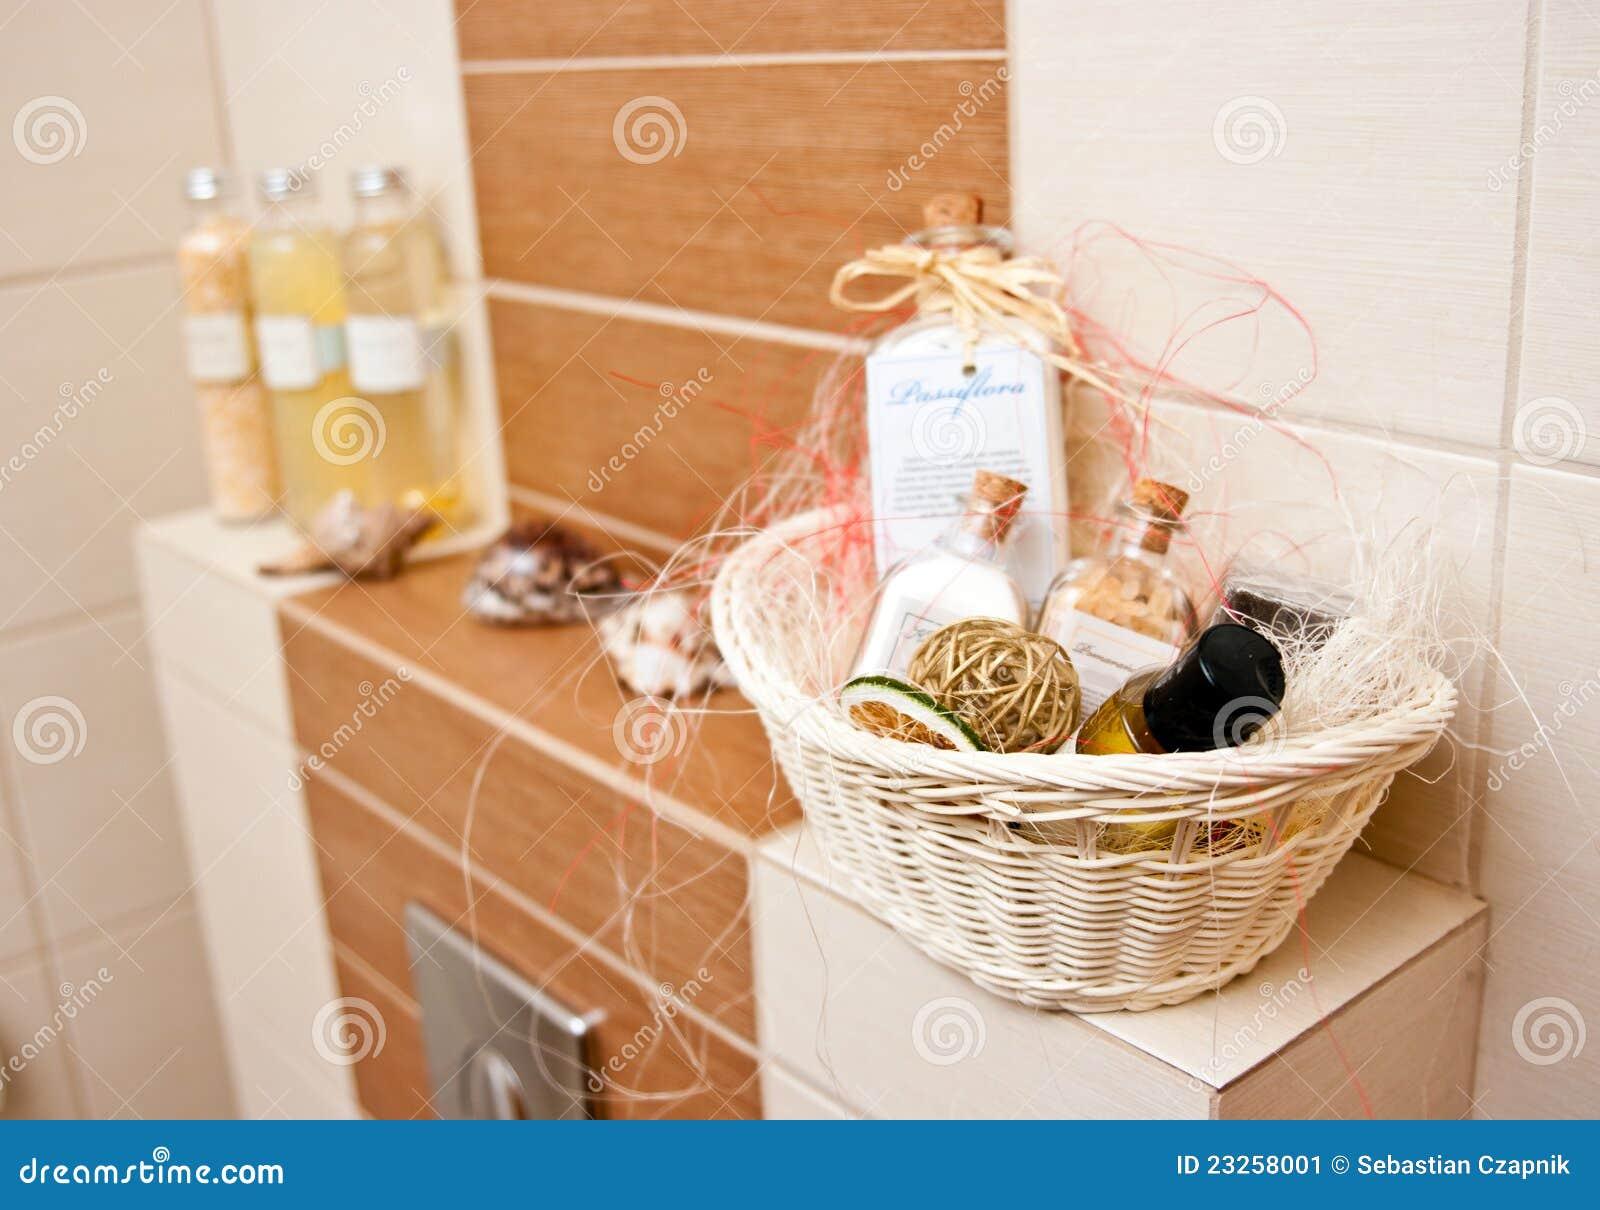 Decorazioni della stanza da bagno immagine stock - Decorazioni stanza ...